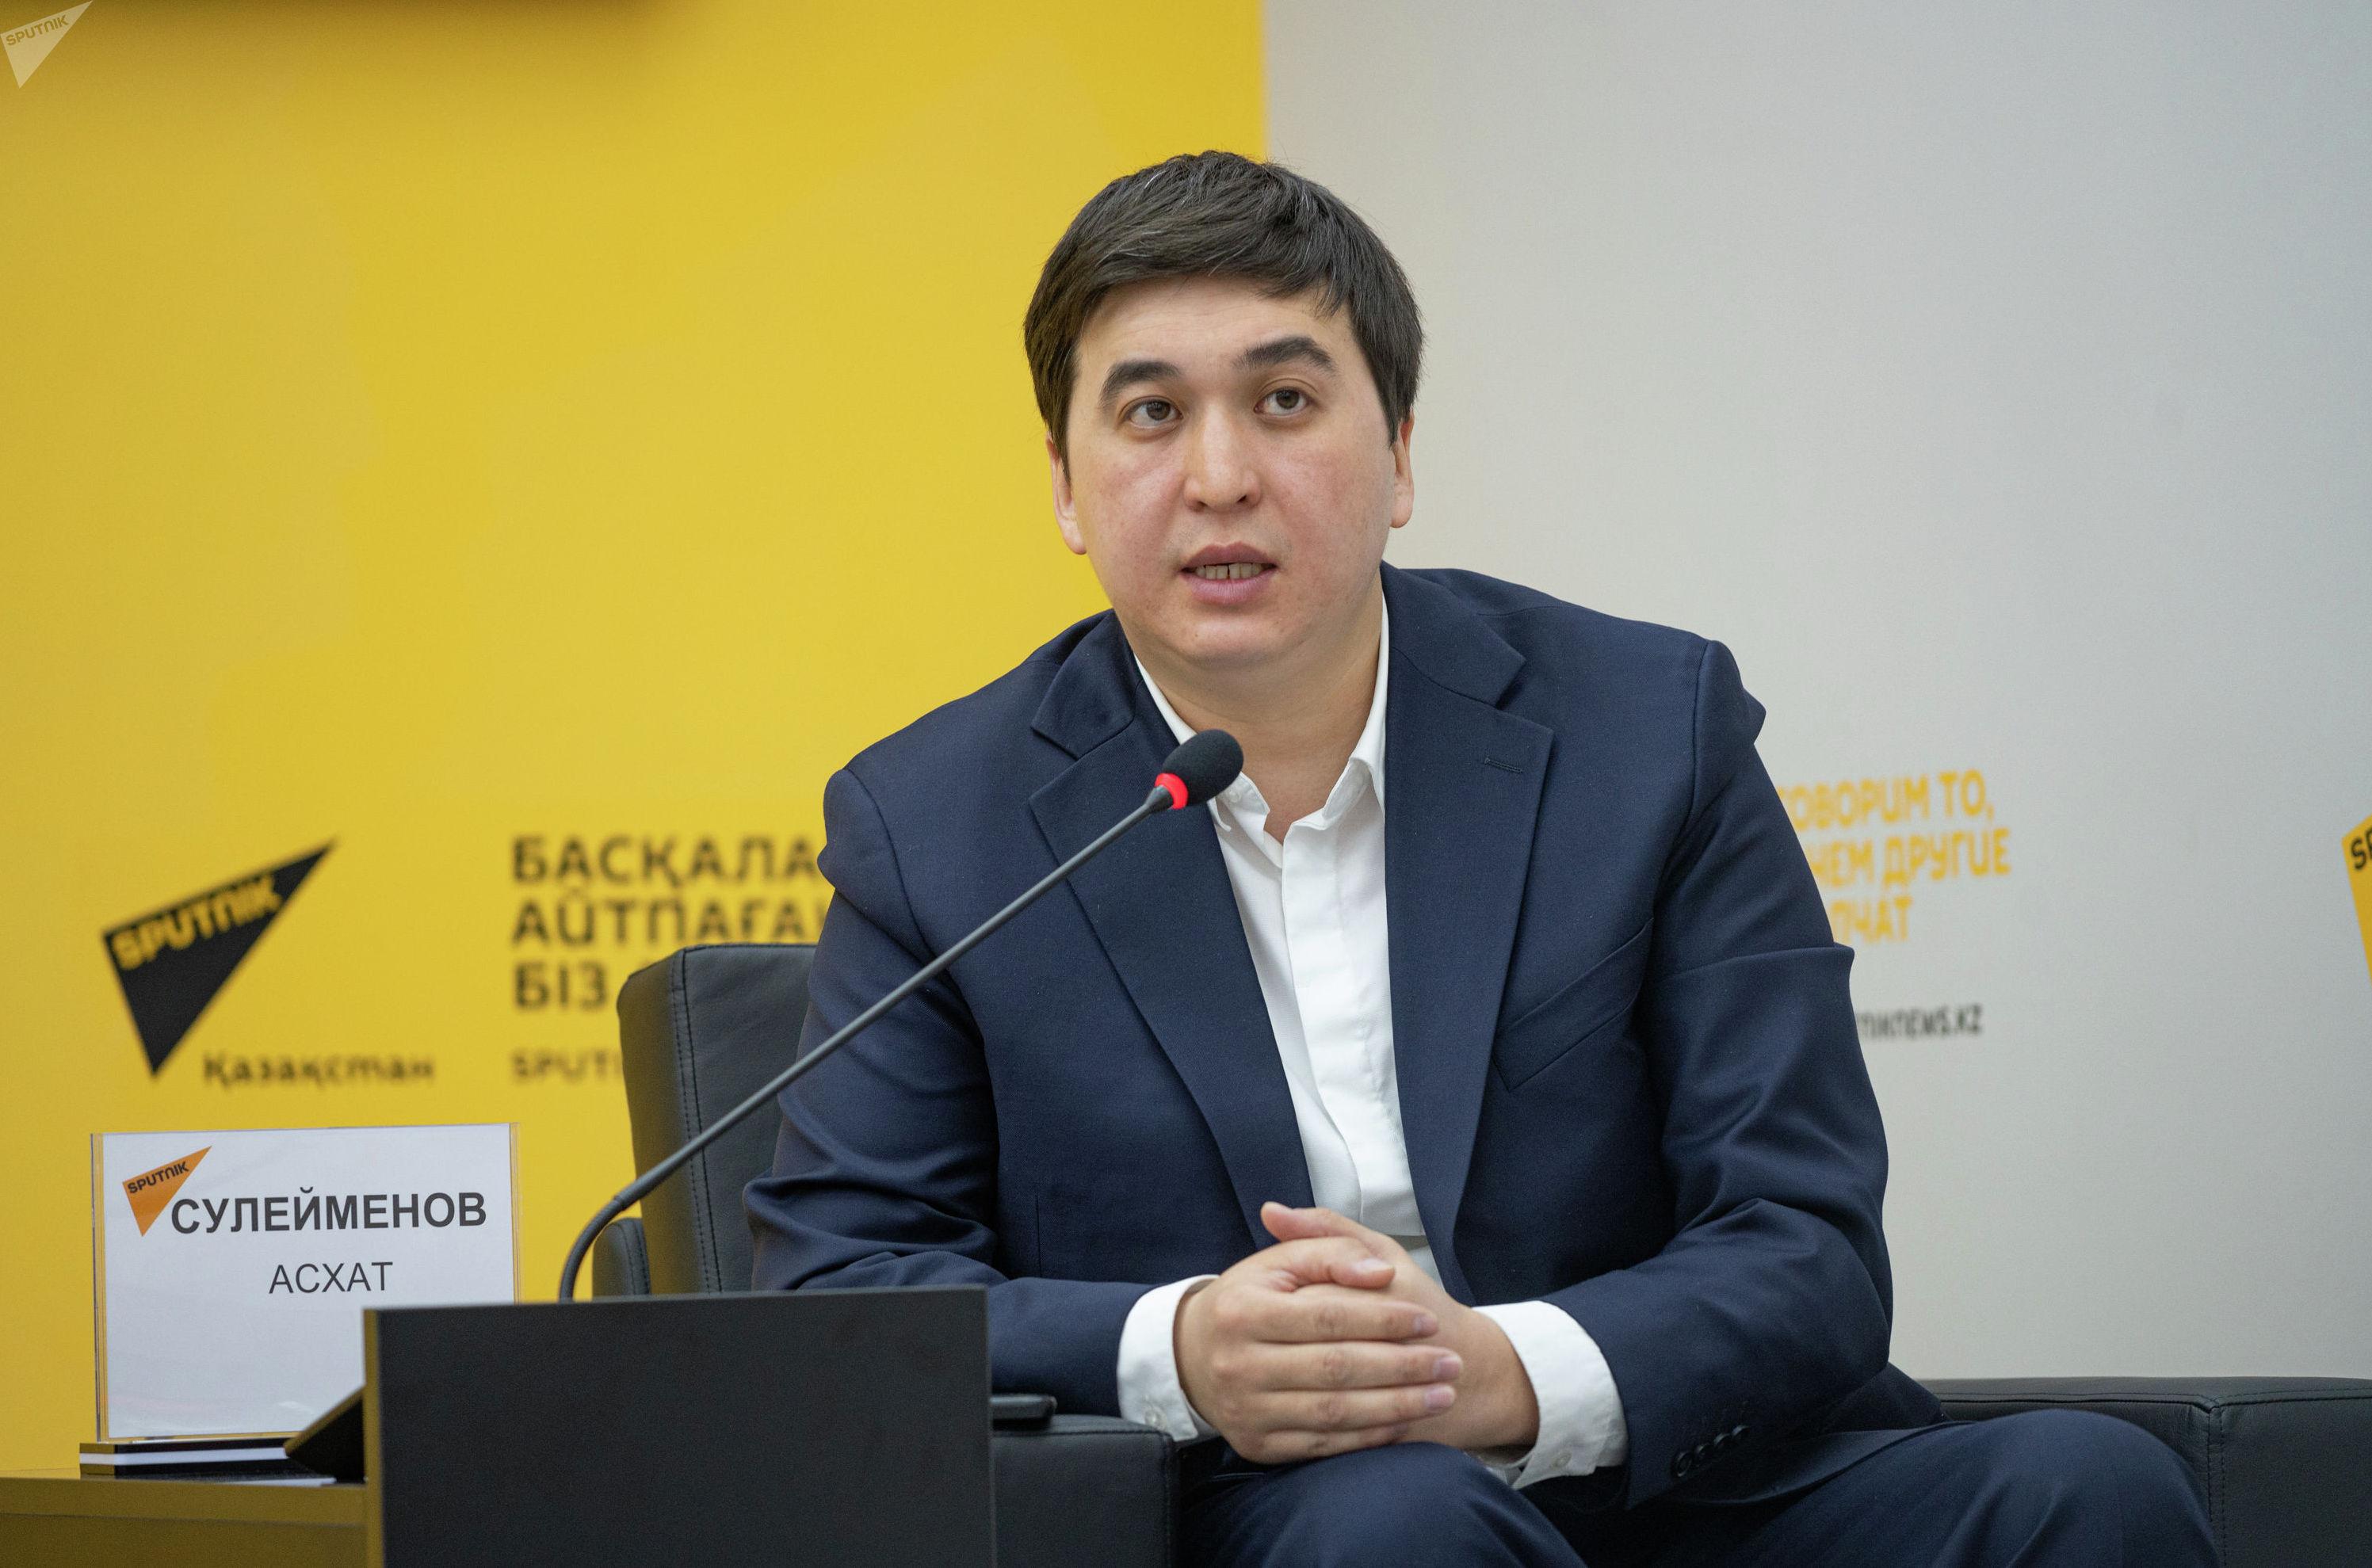 Асхат Сулейменов - заместитель председателя Ассоциации экологических организаций